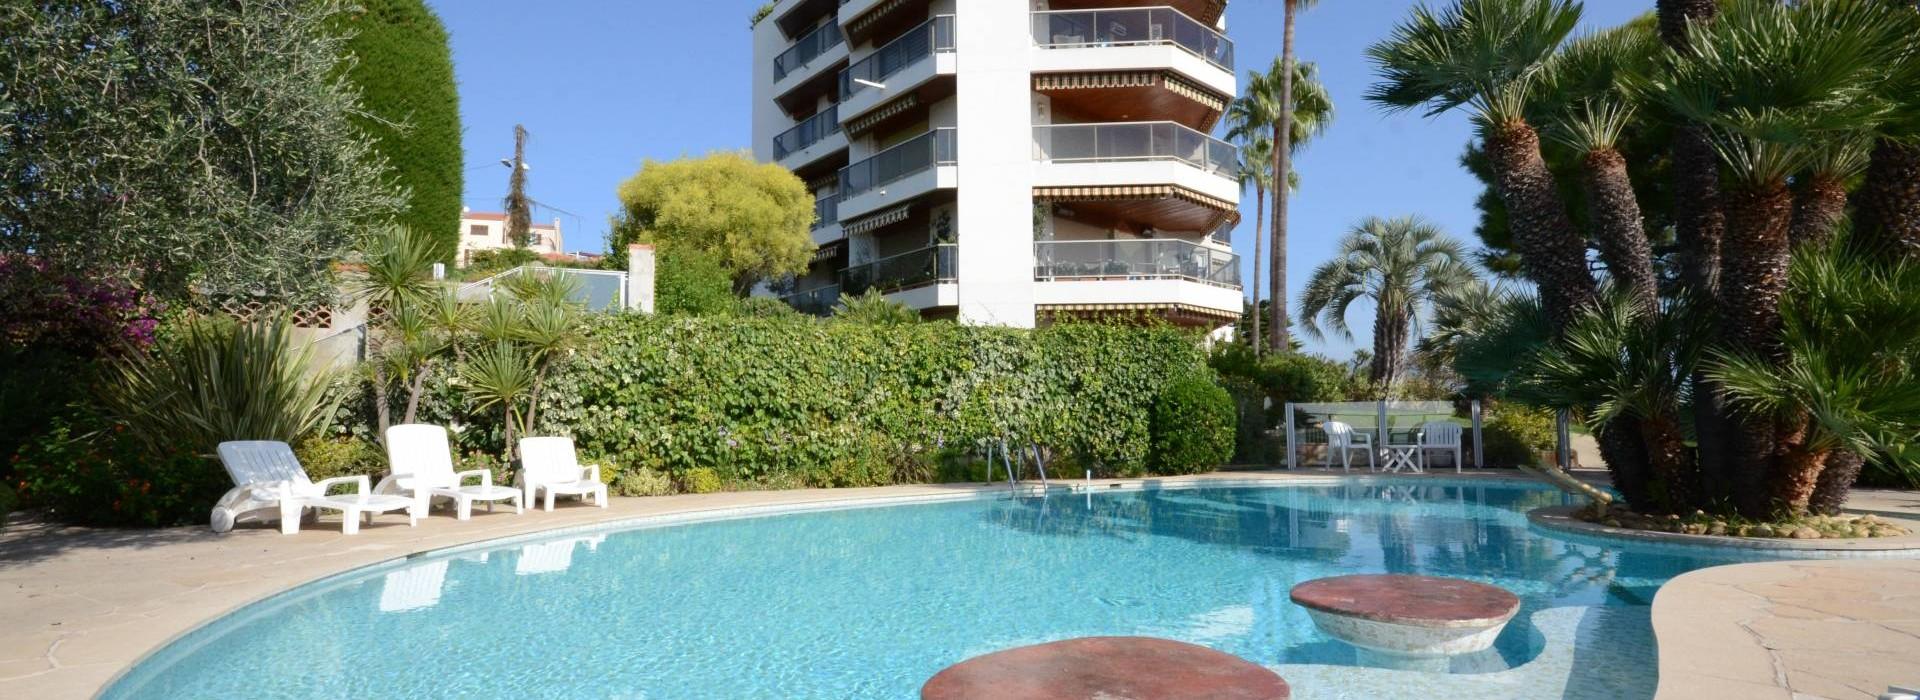 Appartement Nice 5 Pièces 154m2 1,680,000€